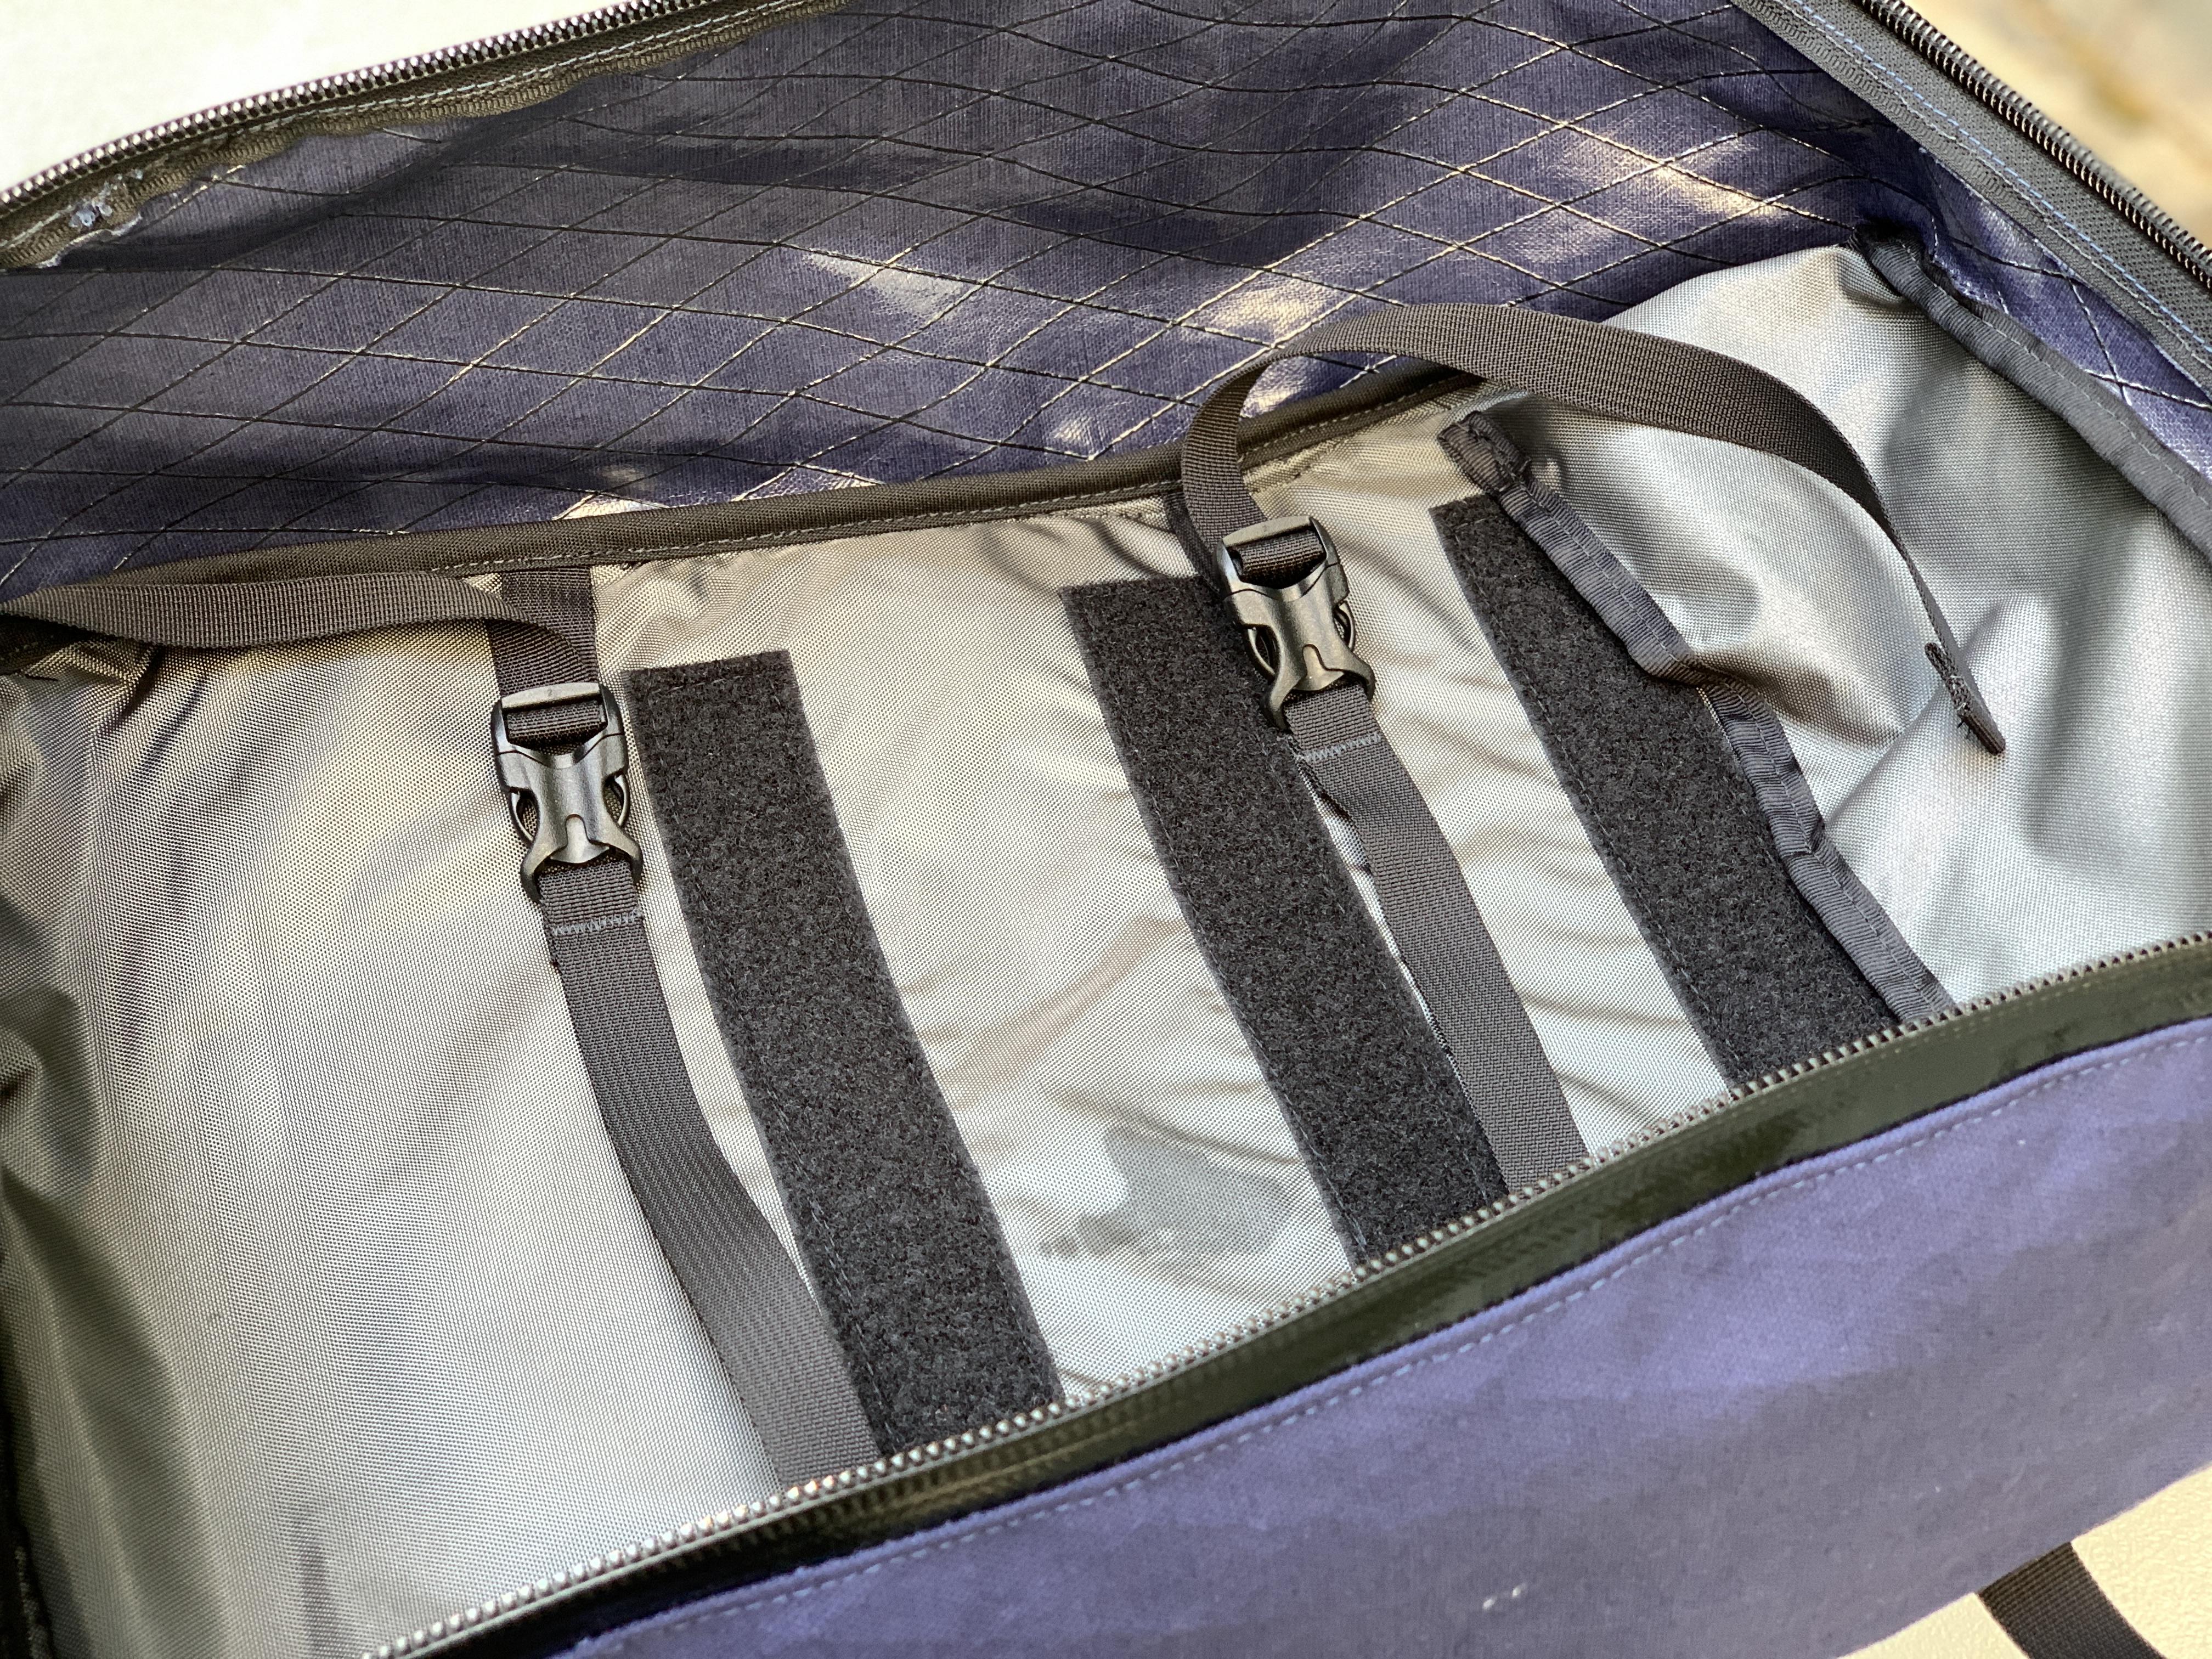 North St Bags Weekender internal hook and loop organization